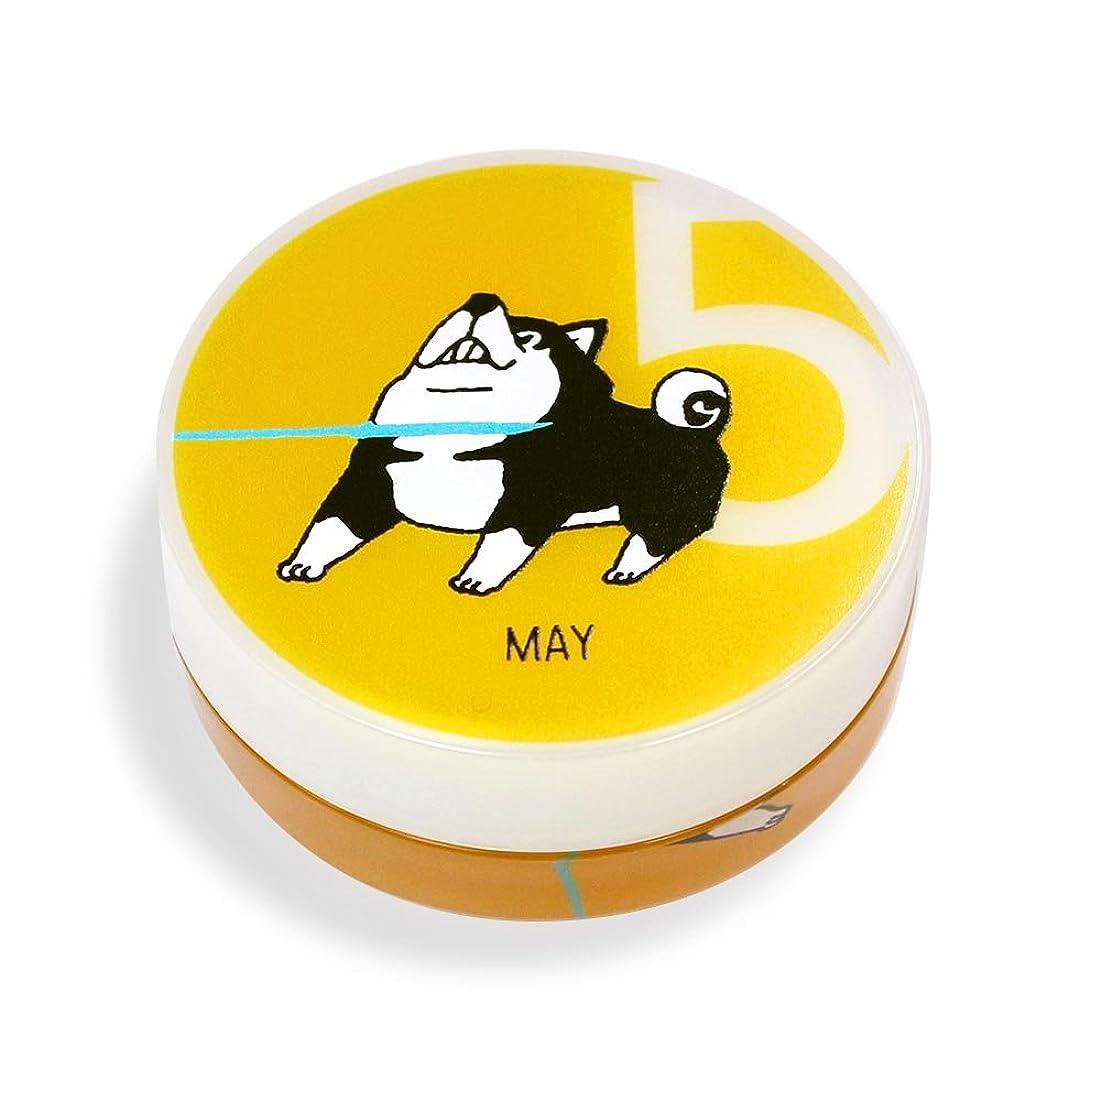 月曜日油彼女のしばんばん フルプルクリーム 誕生月シリーズ 5月 20g